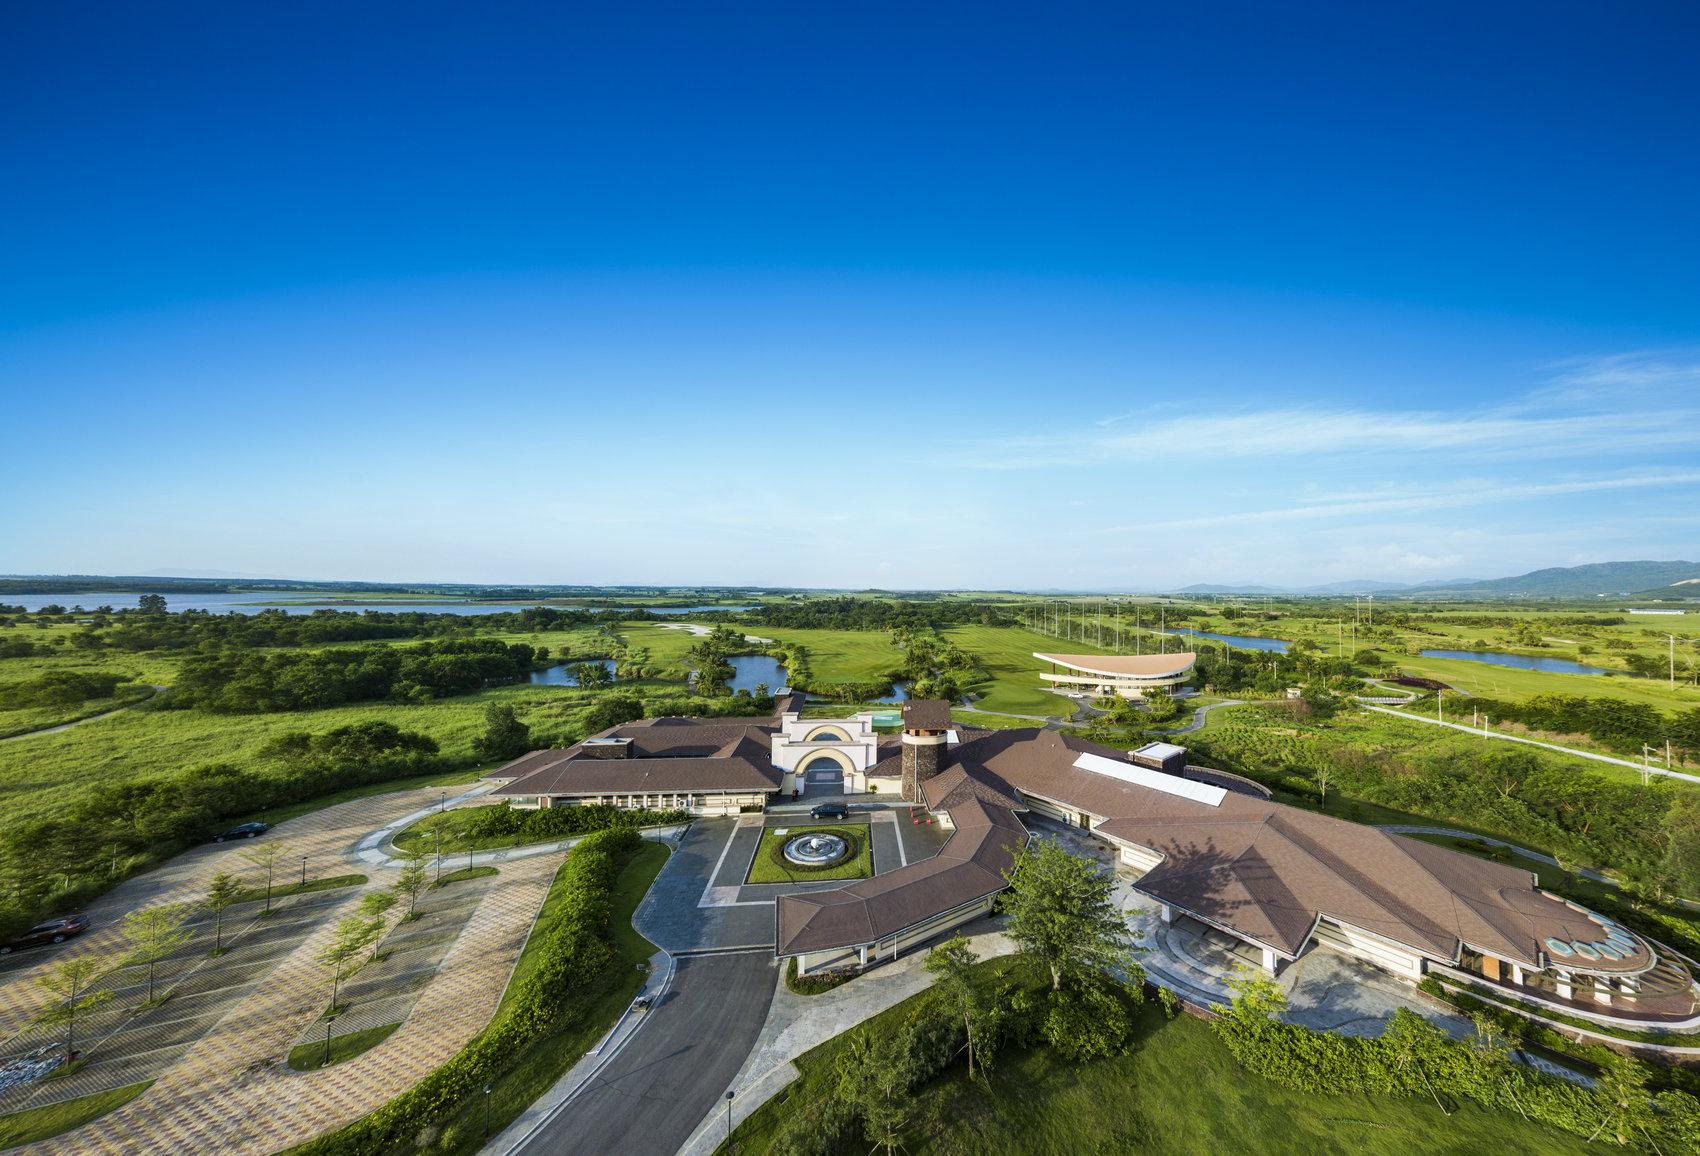 周边-牧歌高尔夫球场